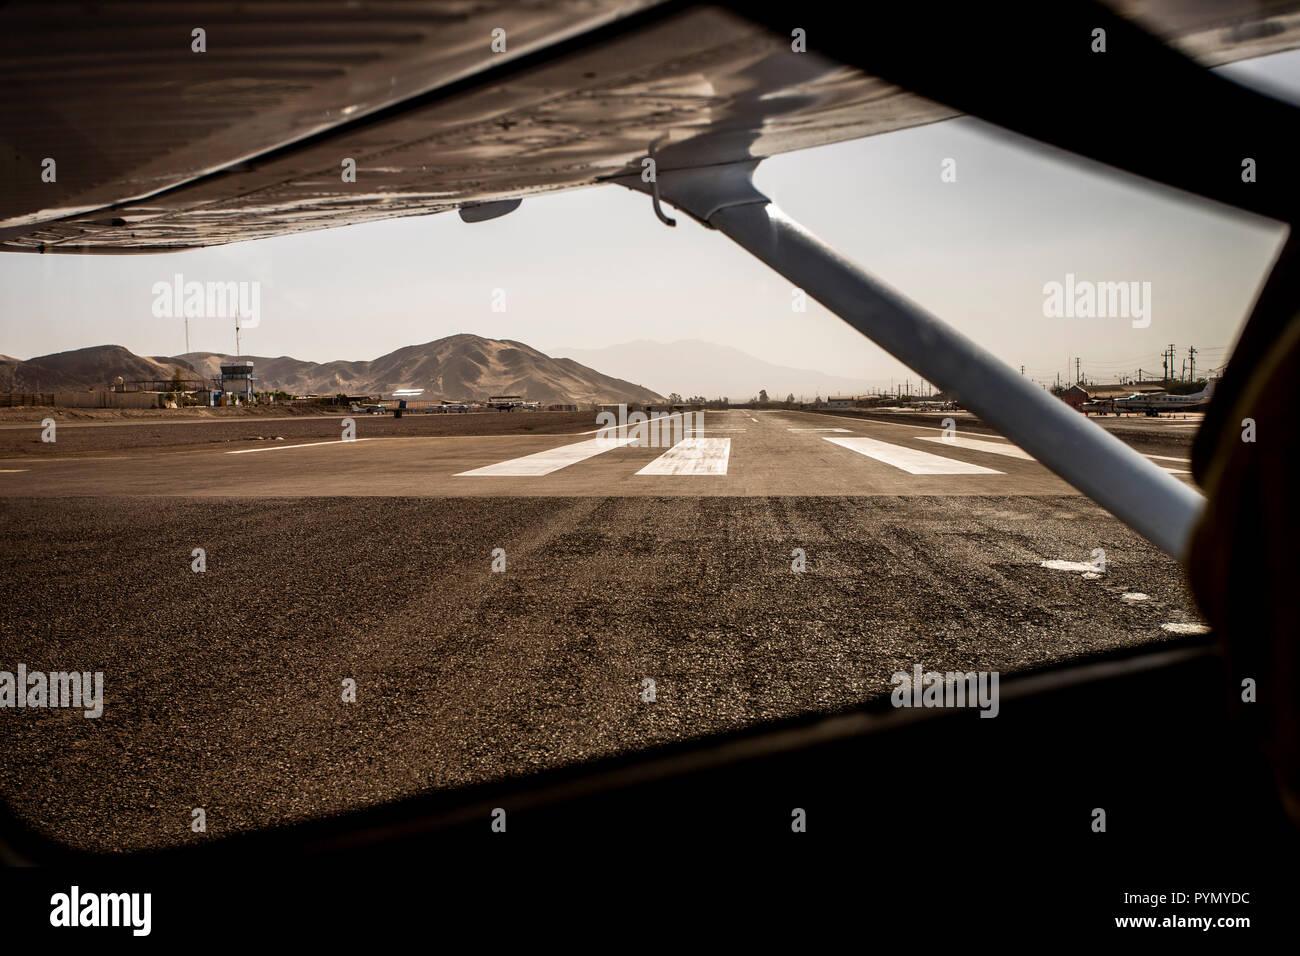 Blick auf die Startbahn aus einem Flugzeug am Flughafen, Nazca , Peru , Südamerika - Stock Image